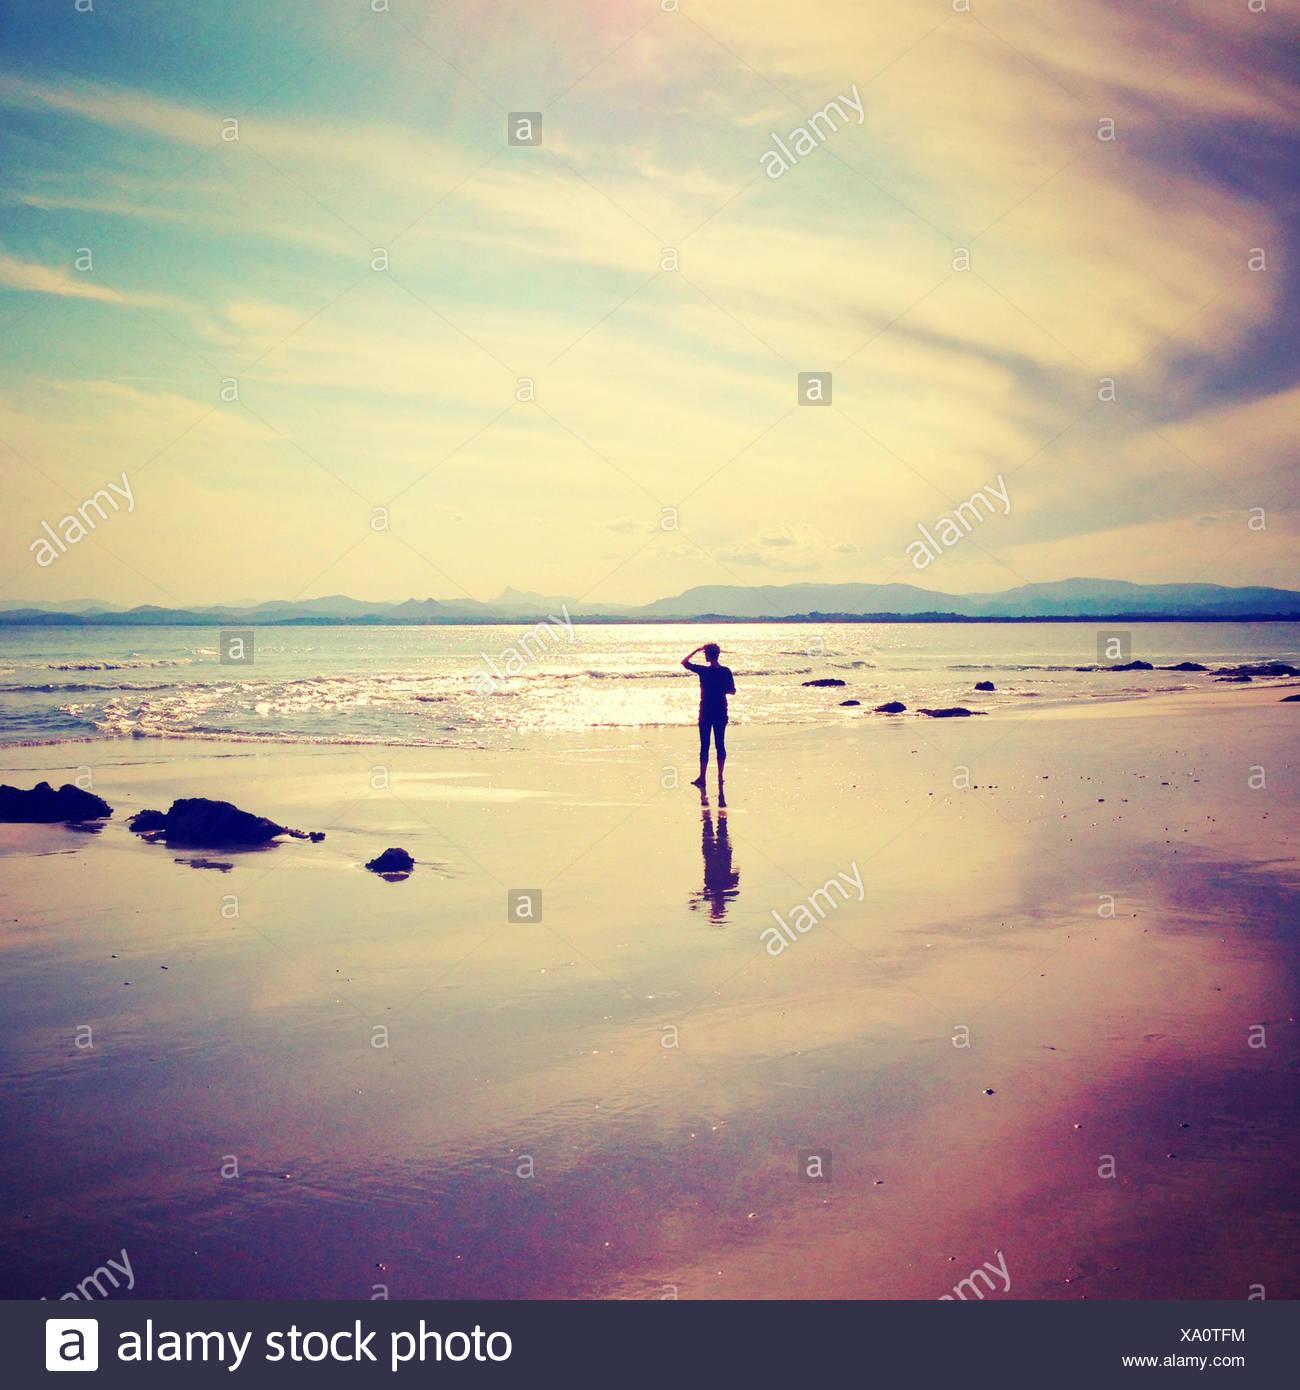 Silueta de un hombre de pie en la playa mirando al mar Imagen De Stock